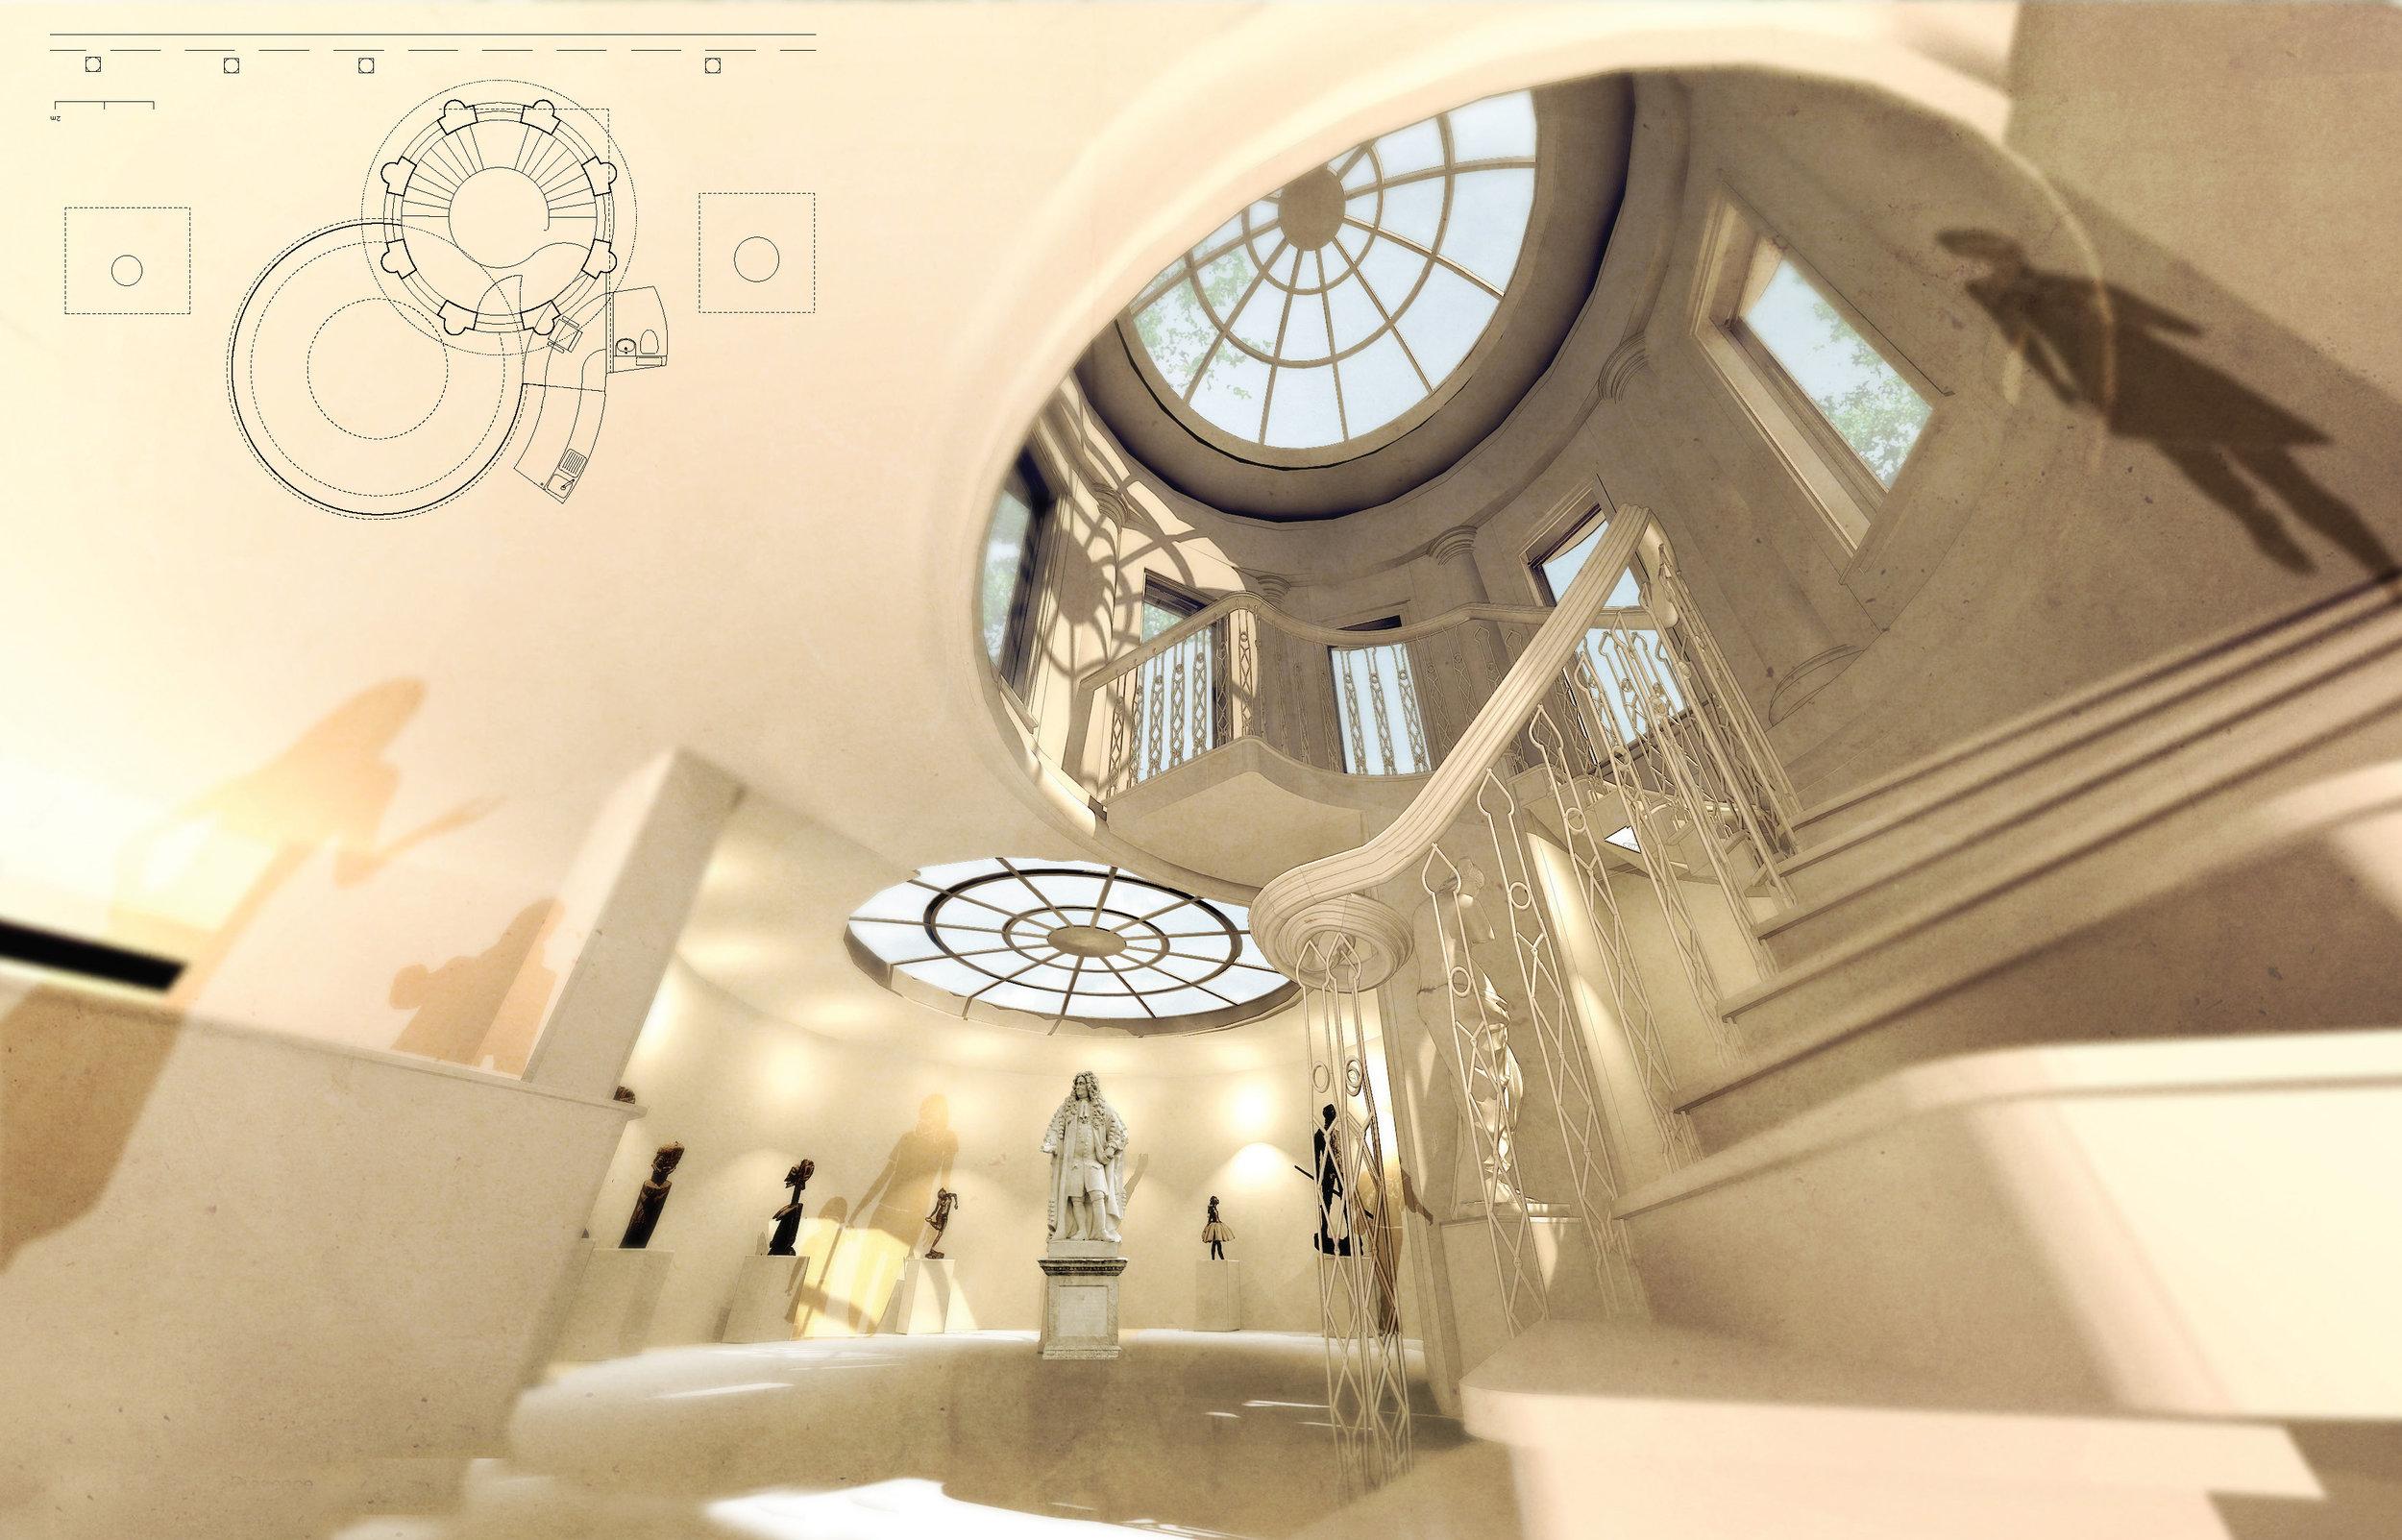 FINE architecture_Competition01_04.jpg